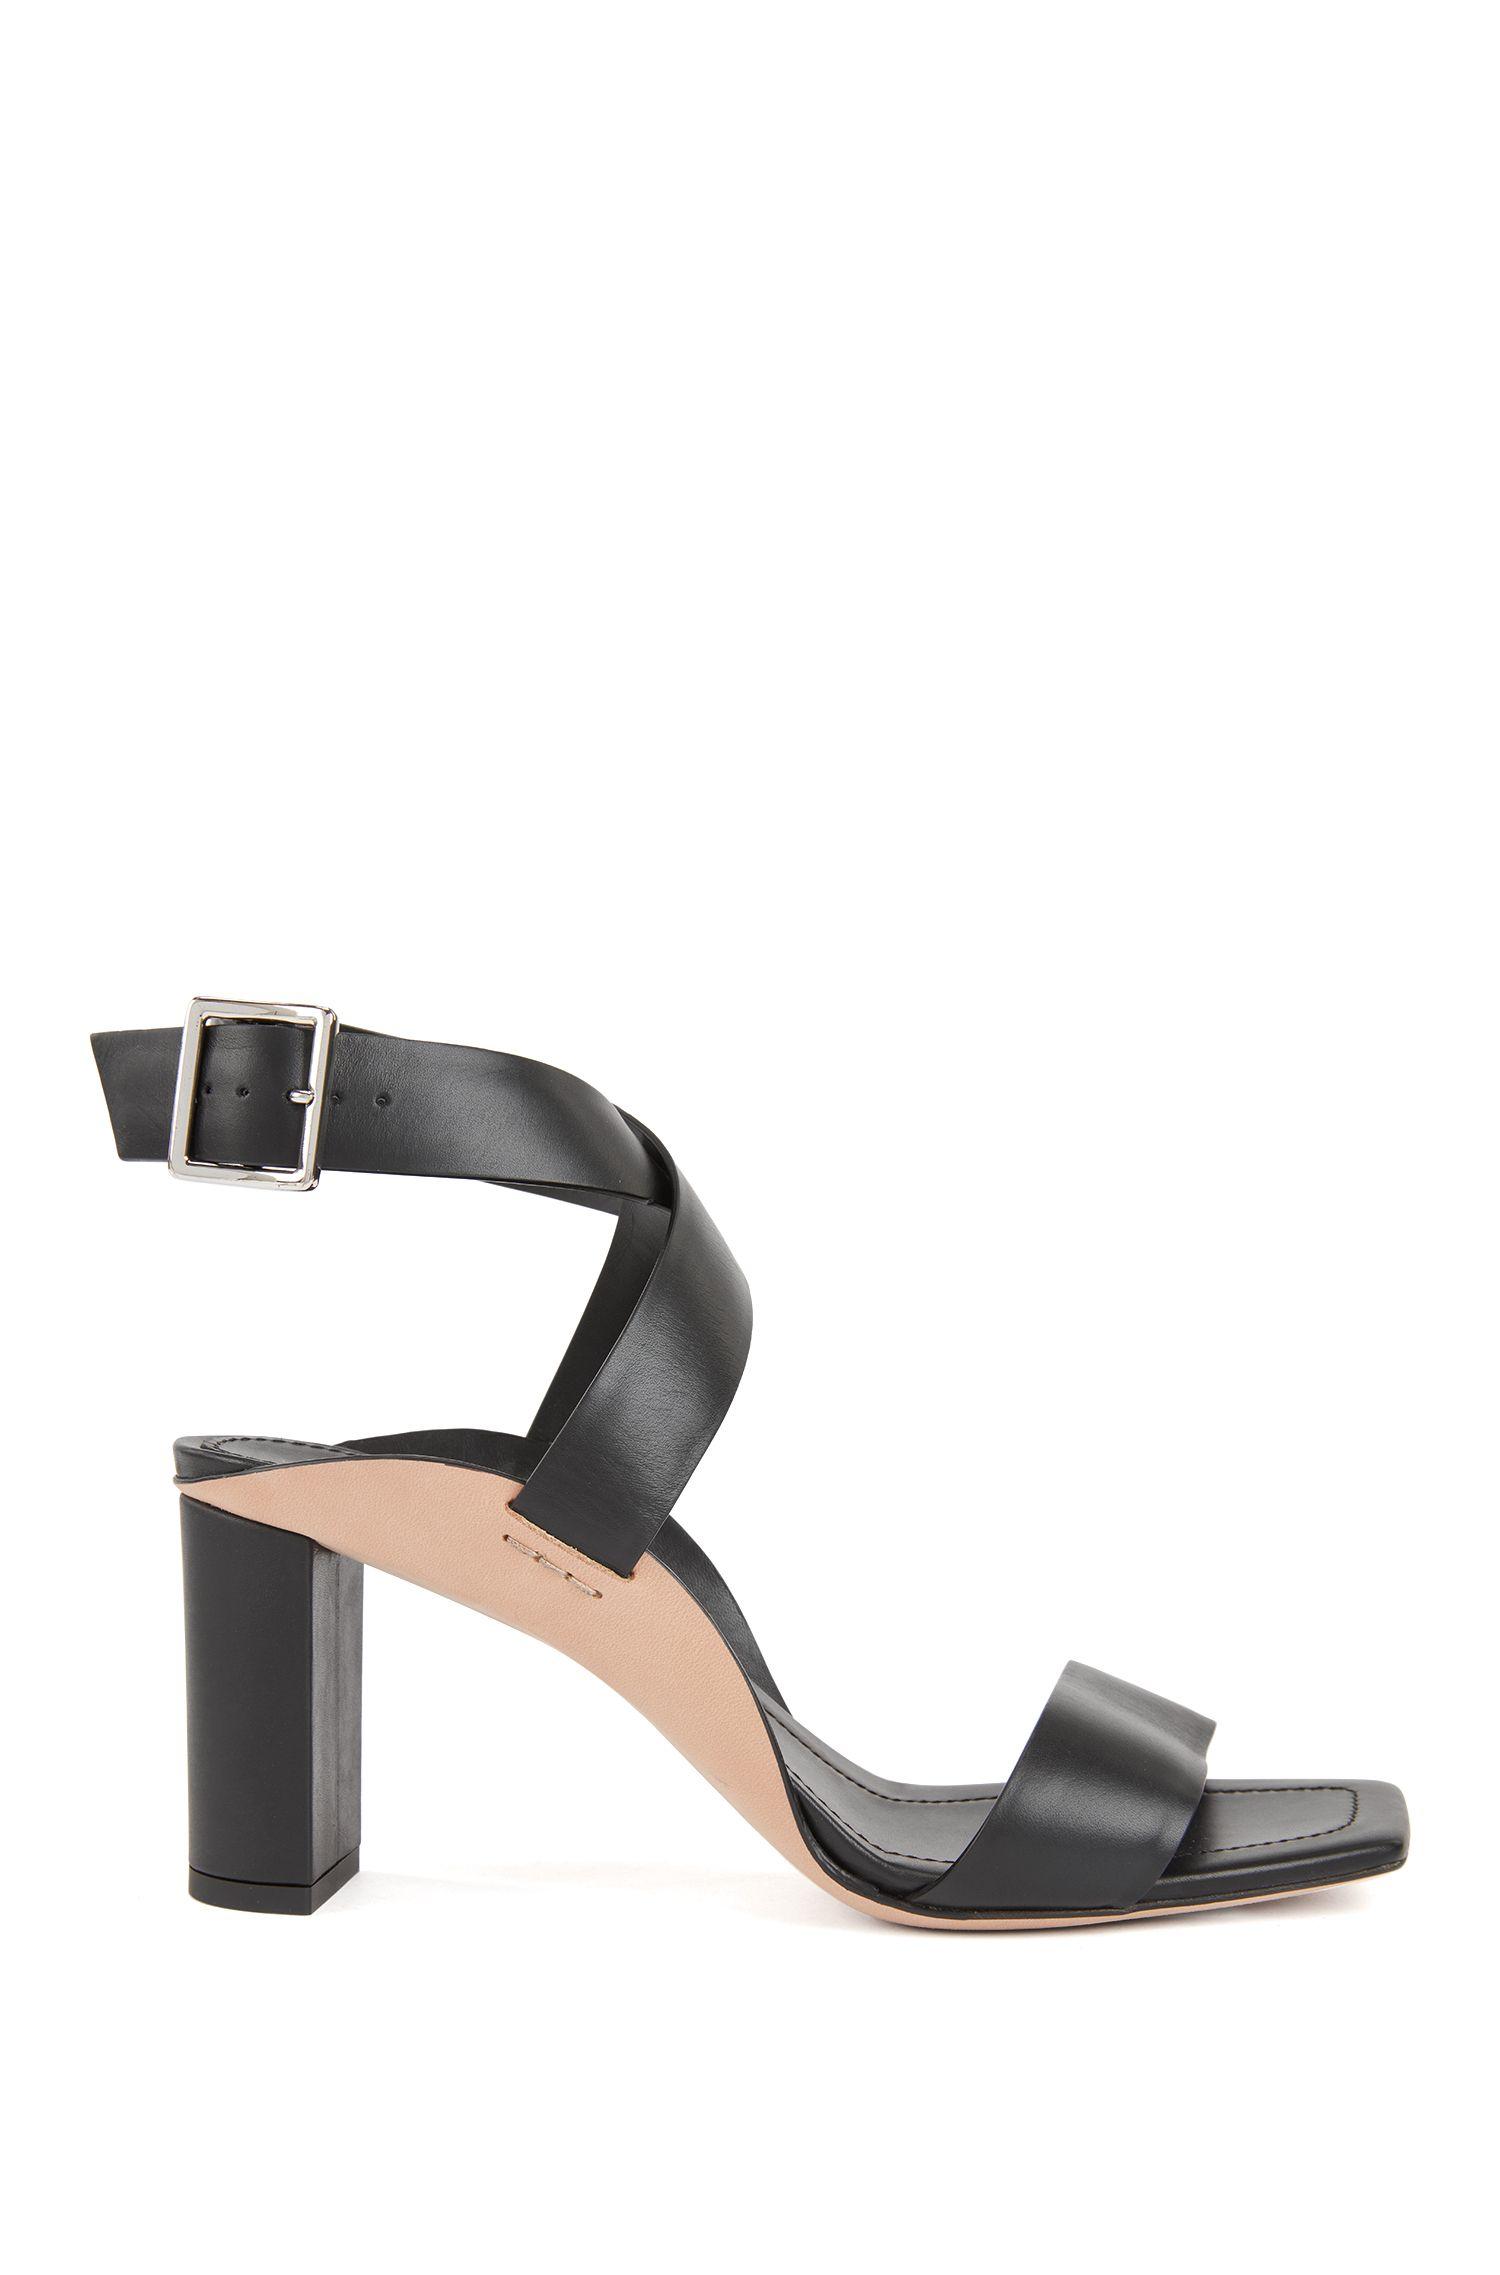 Sandales en cuir à talon bottier avec brides enveloppantes, Gris sombre